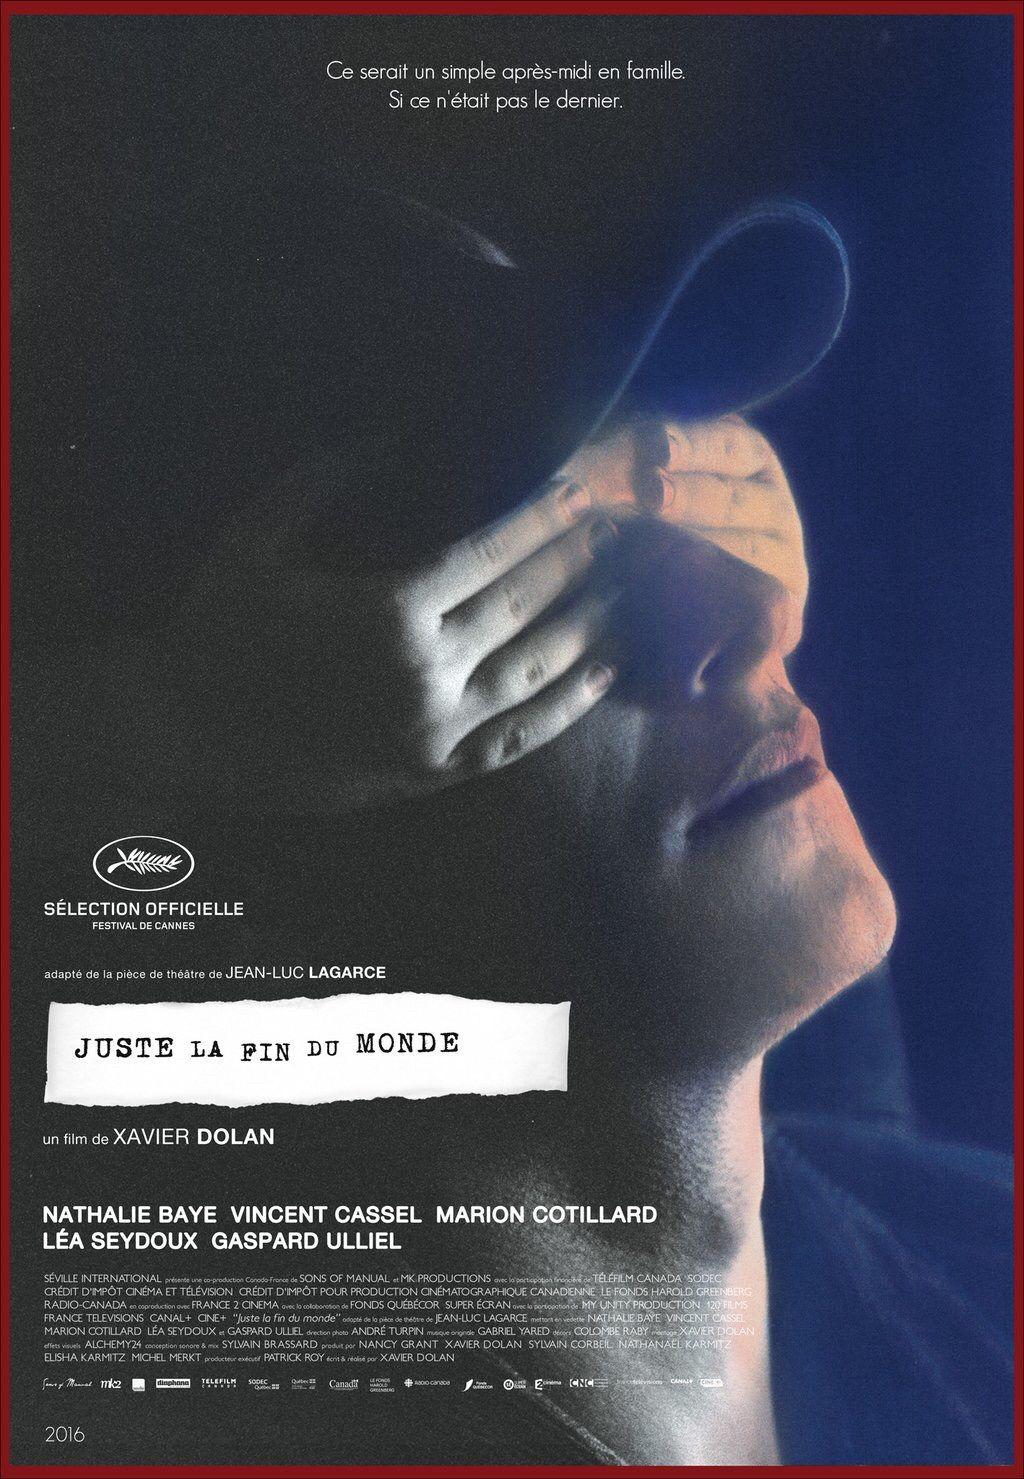 Juste la fin du monde , Si le film est aussi beau que l'Affiche ,Ça promet #Cannes2016